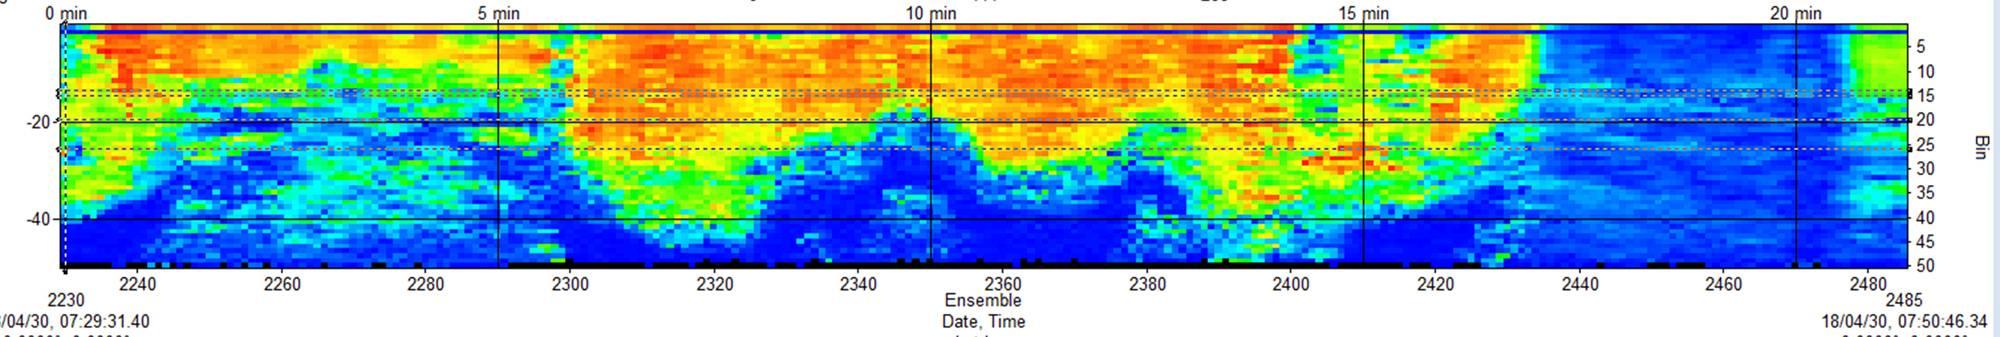 Исландские звуковые данные ADCP. Изображение от MarynSol.